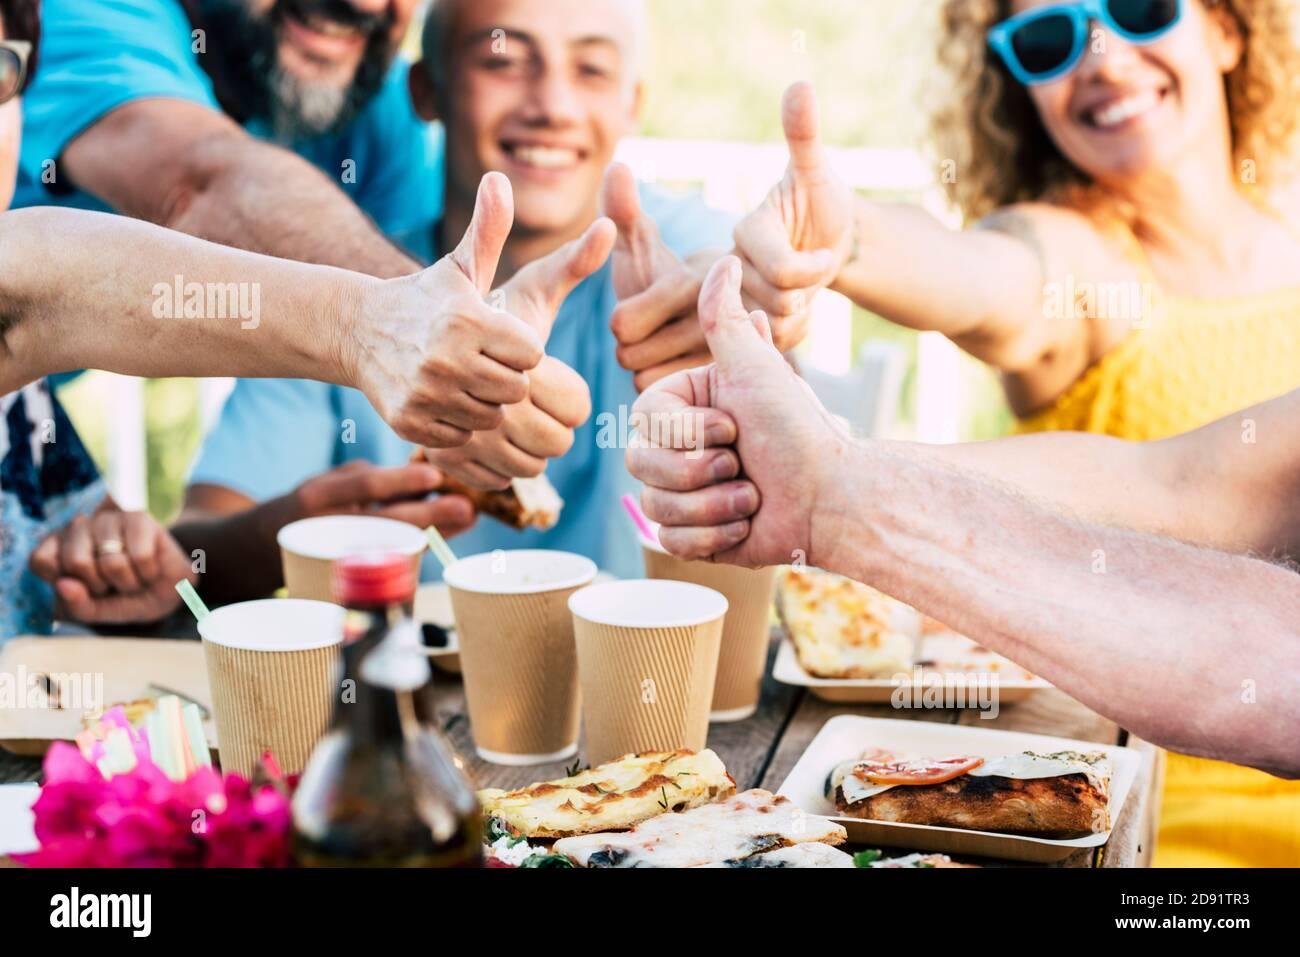 Gruppo famiglia caucasica persone celebrare insieme con divertimento e gustando cibo e bevande -. Festa di compleanno primo piano con pollici in su e risate in backgr Foto Stock